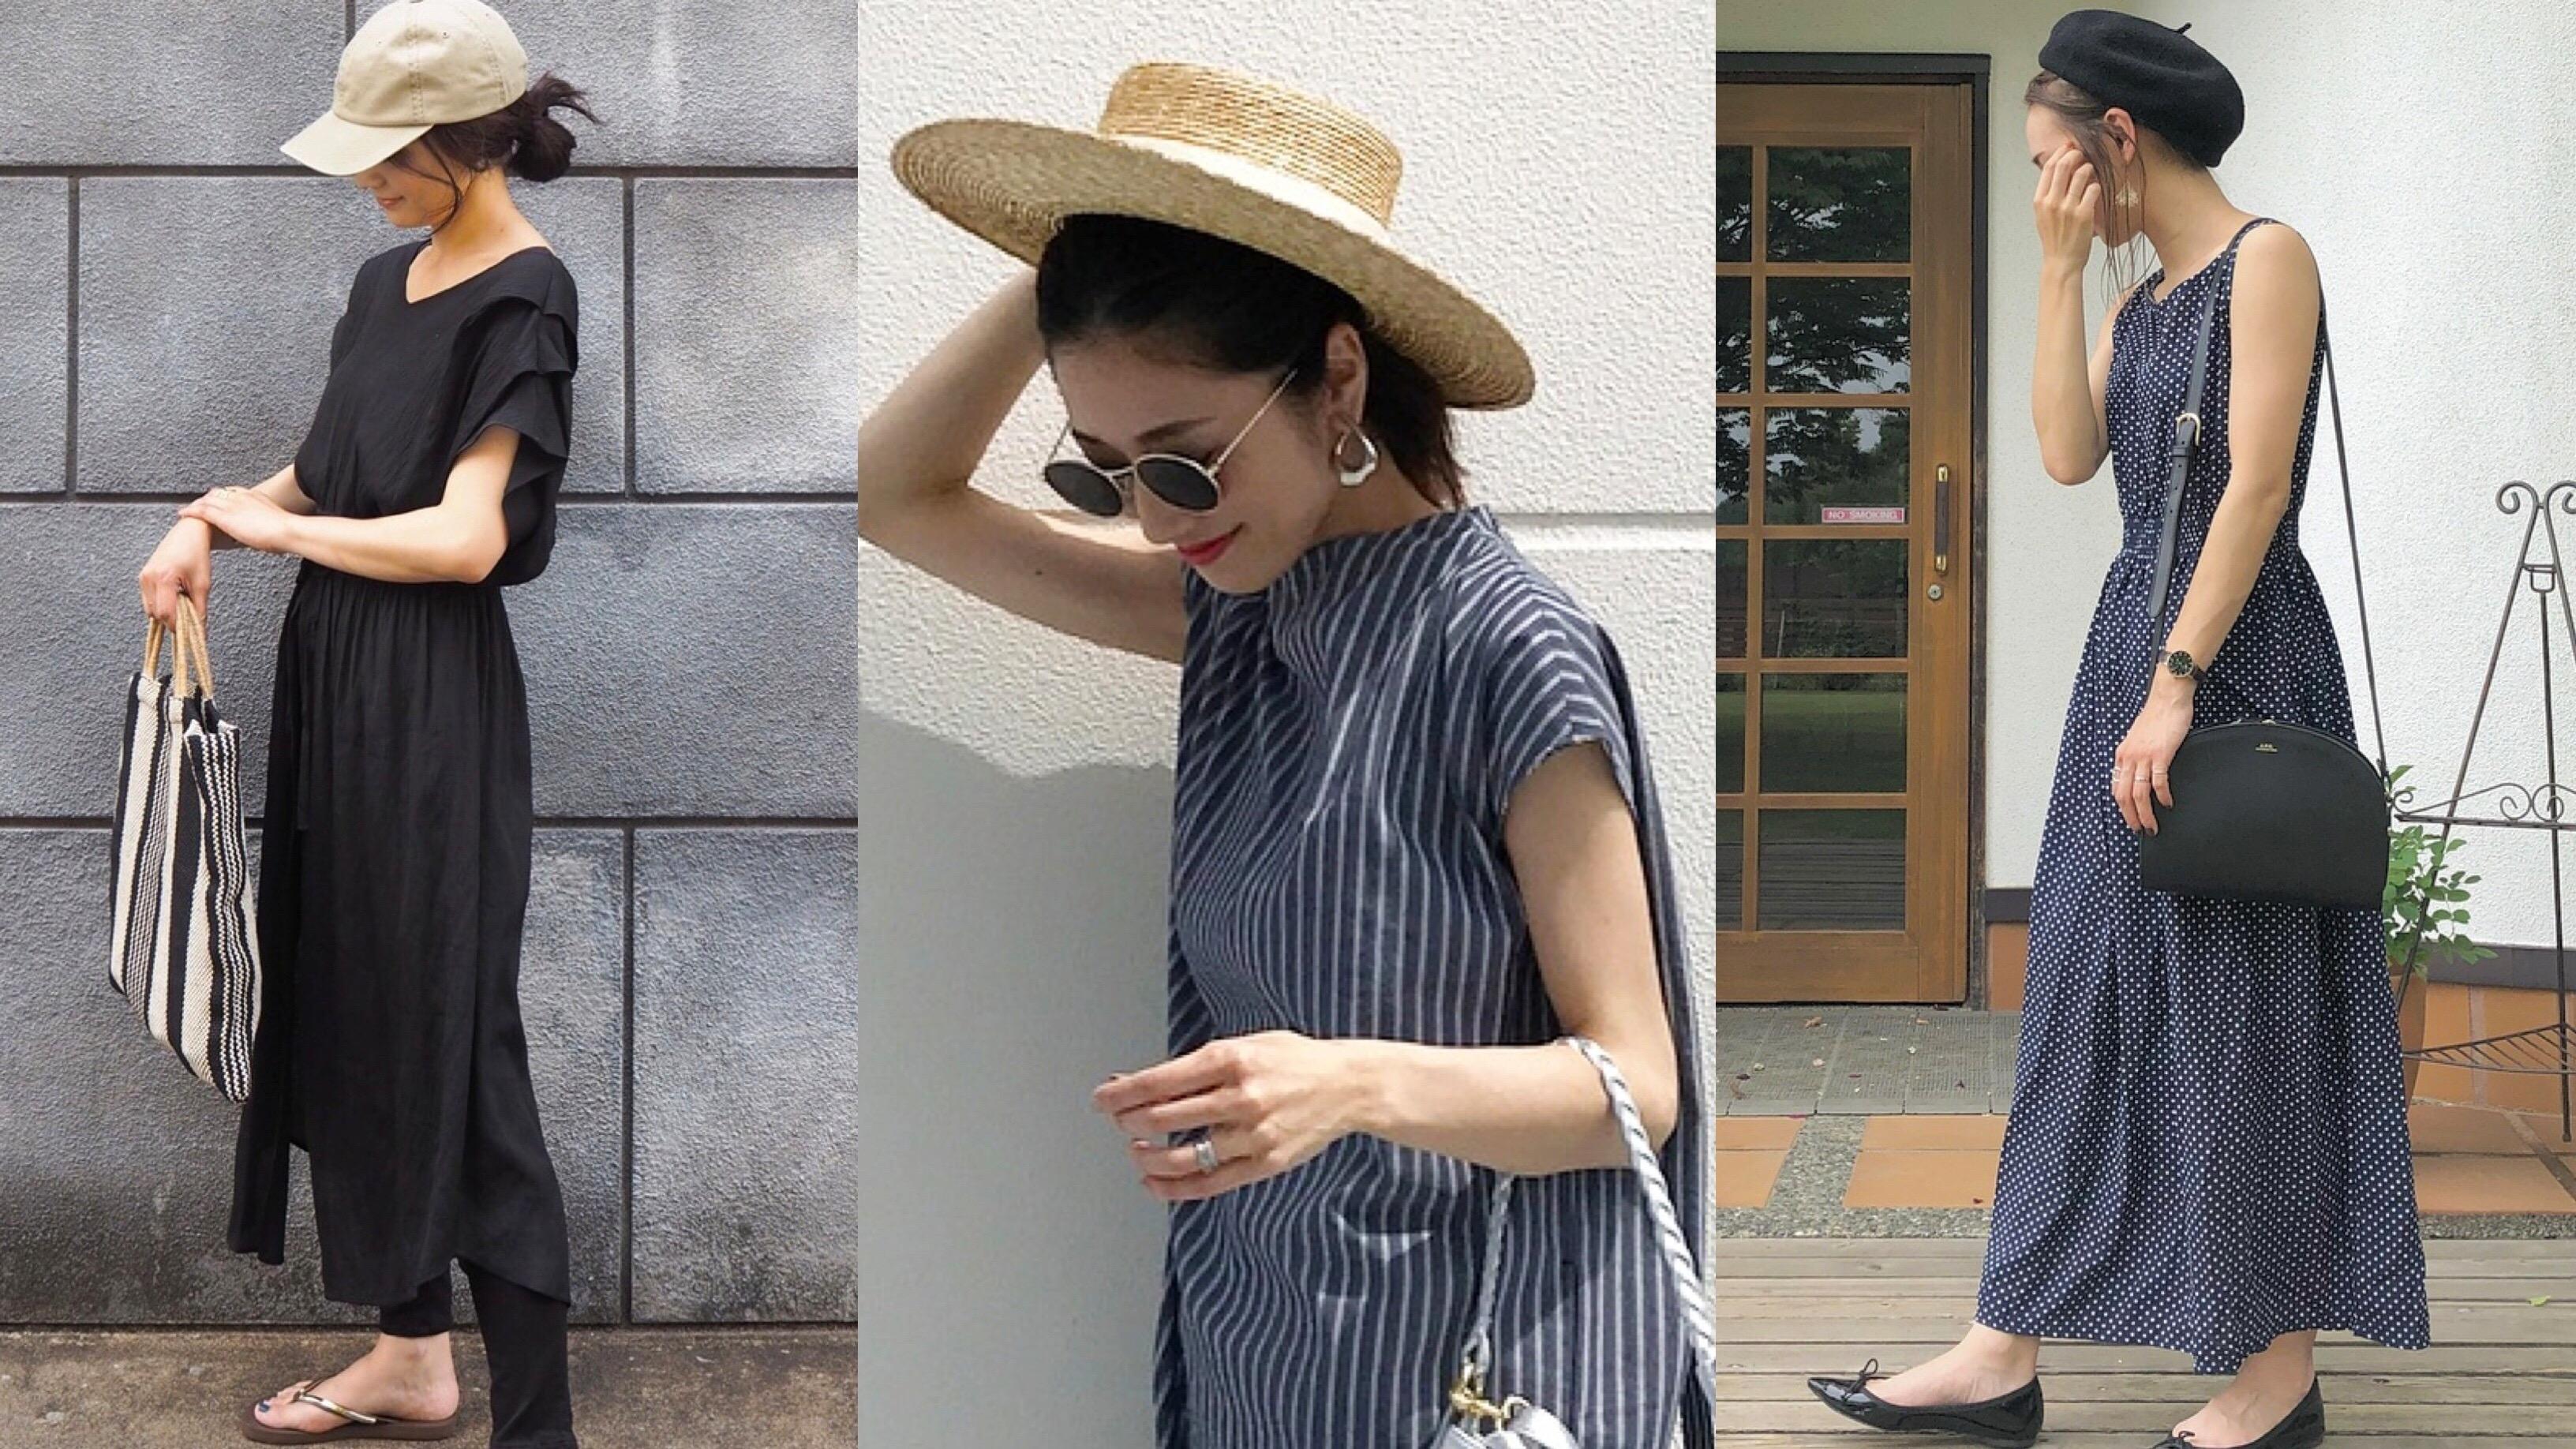 【MINESスナップ】この夏、どんな帽子でこなれる?厳選コーデ3